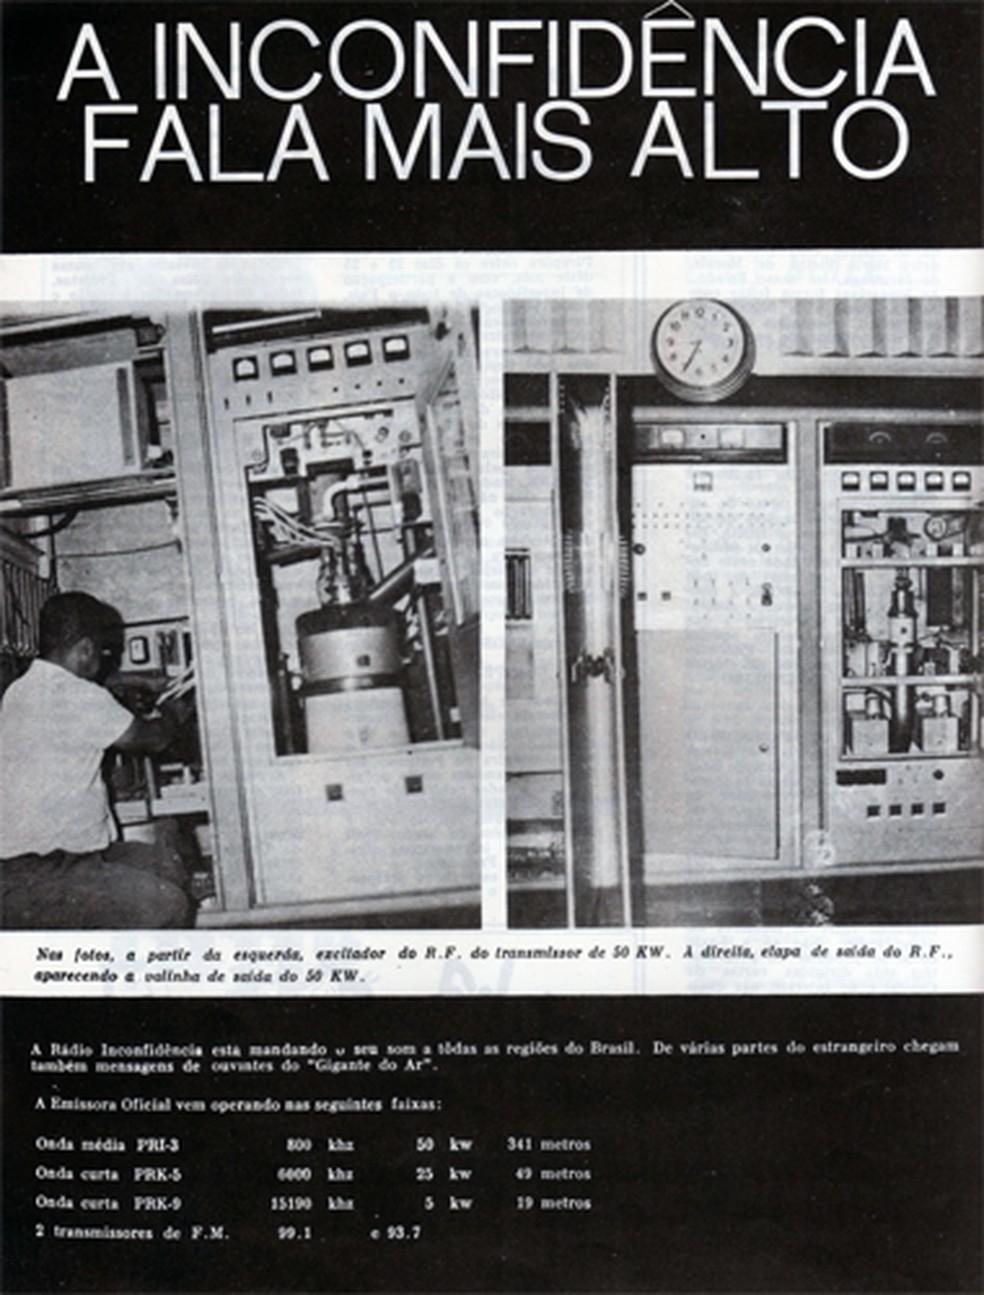 A rádio alcança todos os 853 municípios de Minas Gerais — Foto: Rádio Inconfidência/Acervo